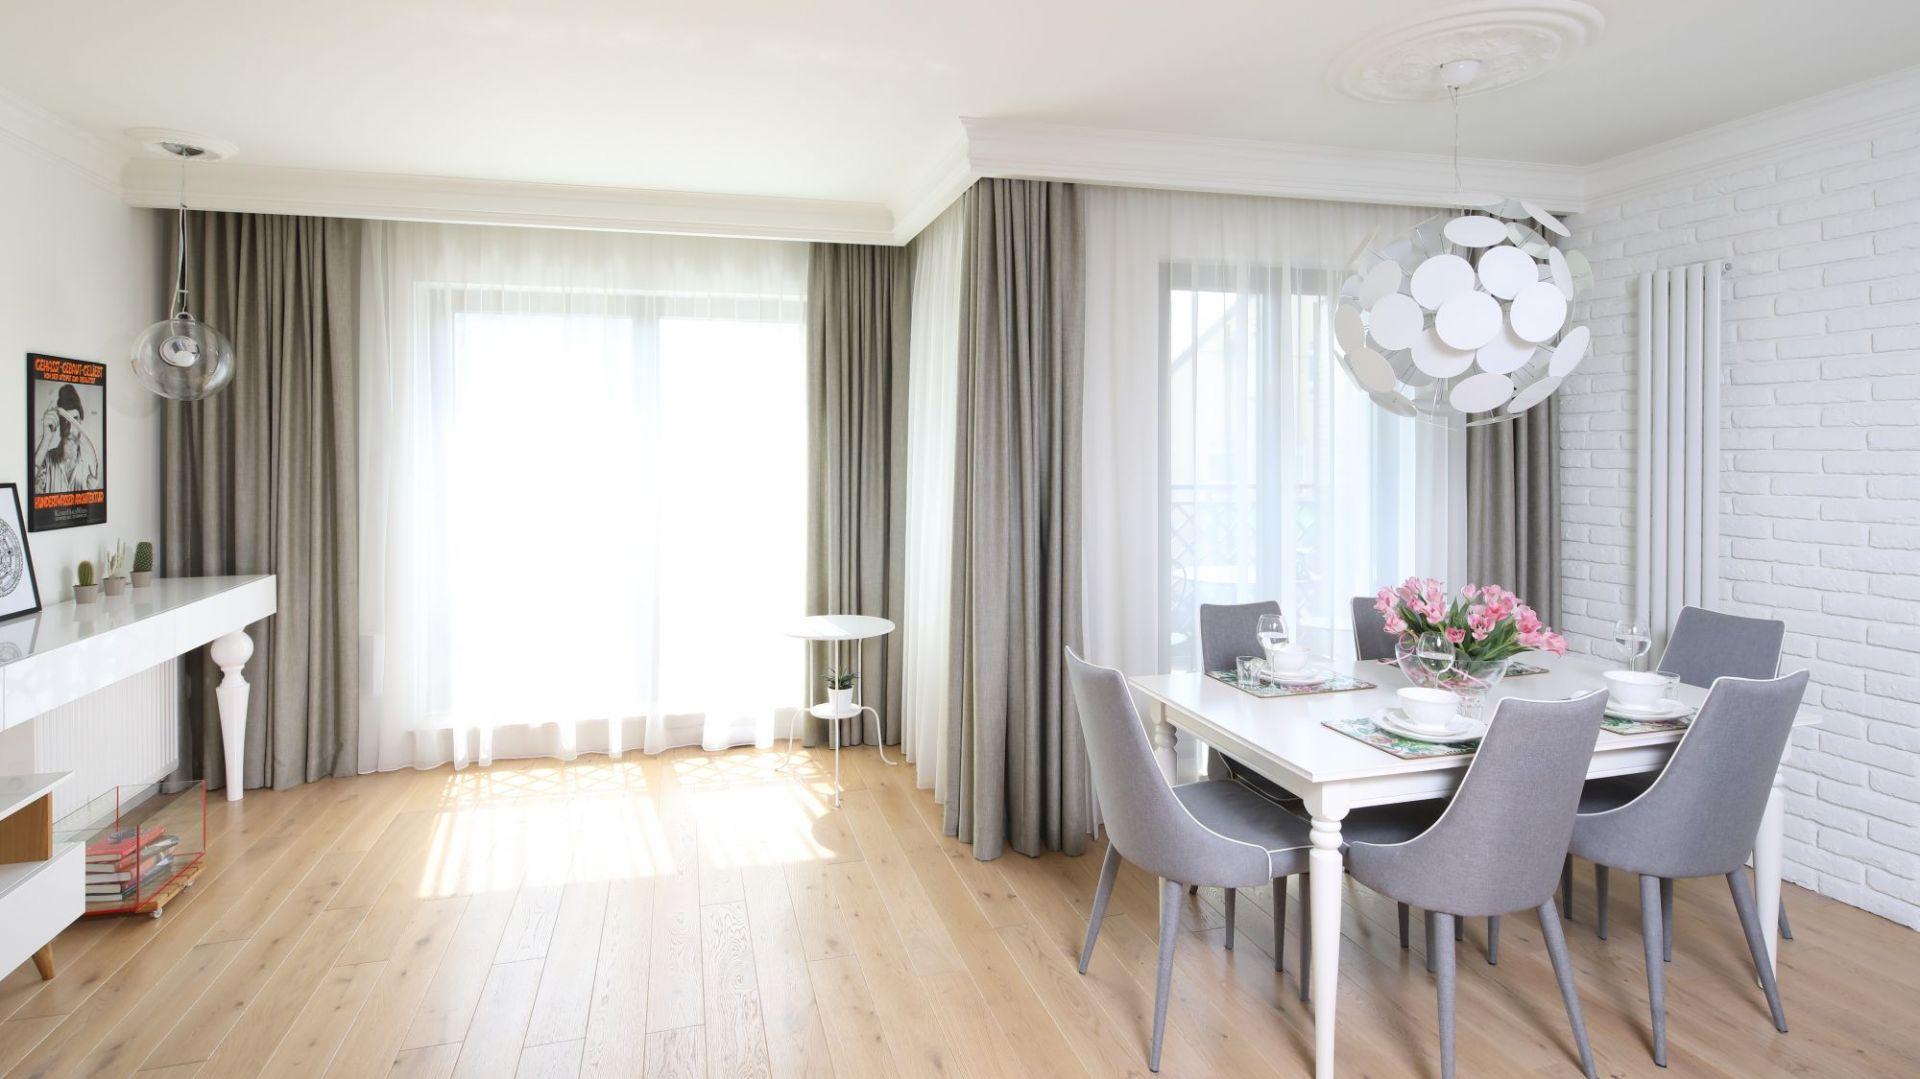 Zasłony w salonie - doskonały sposób na dekorację okna. Projekt: Laura Sulzik. Fot. Bartosz Jarosz